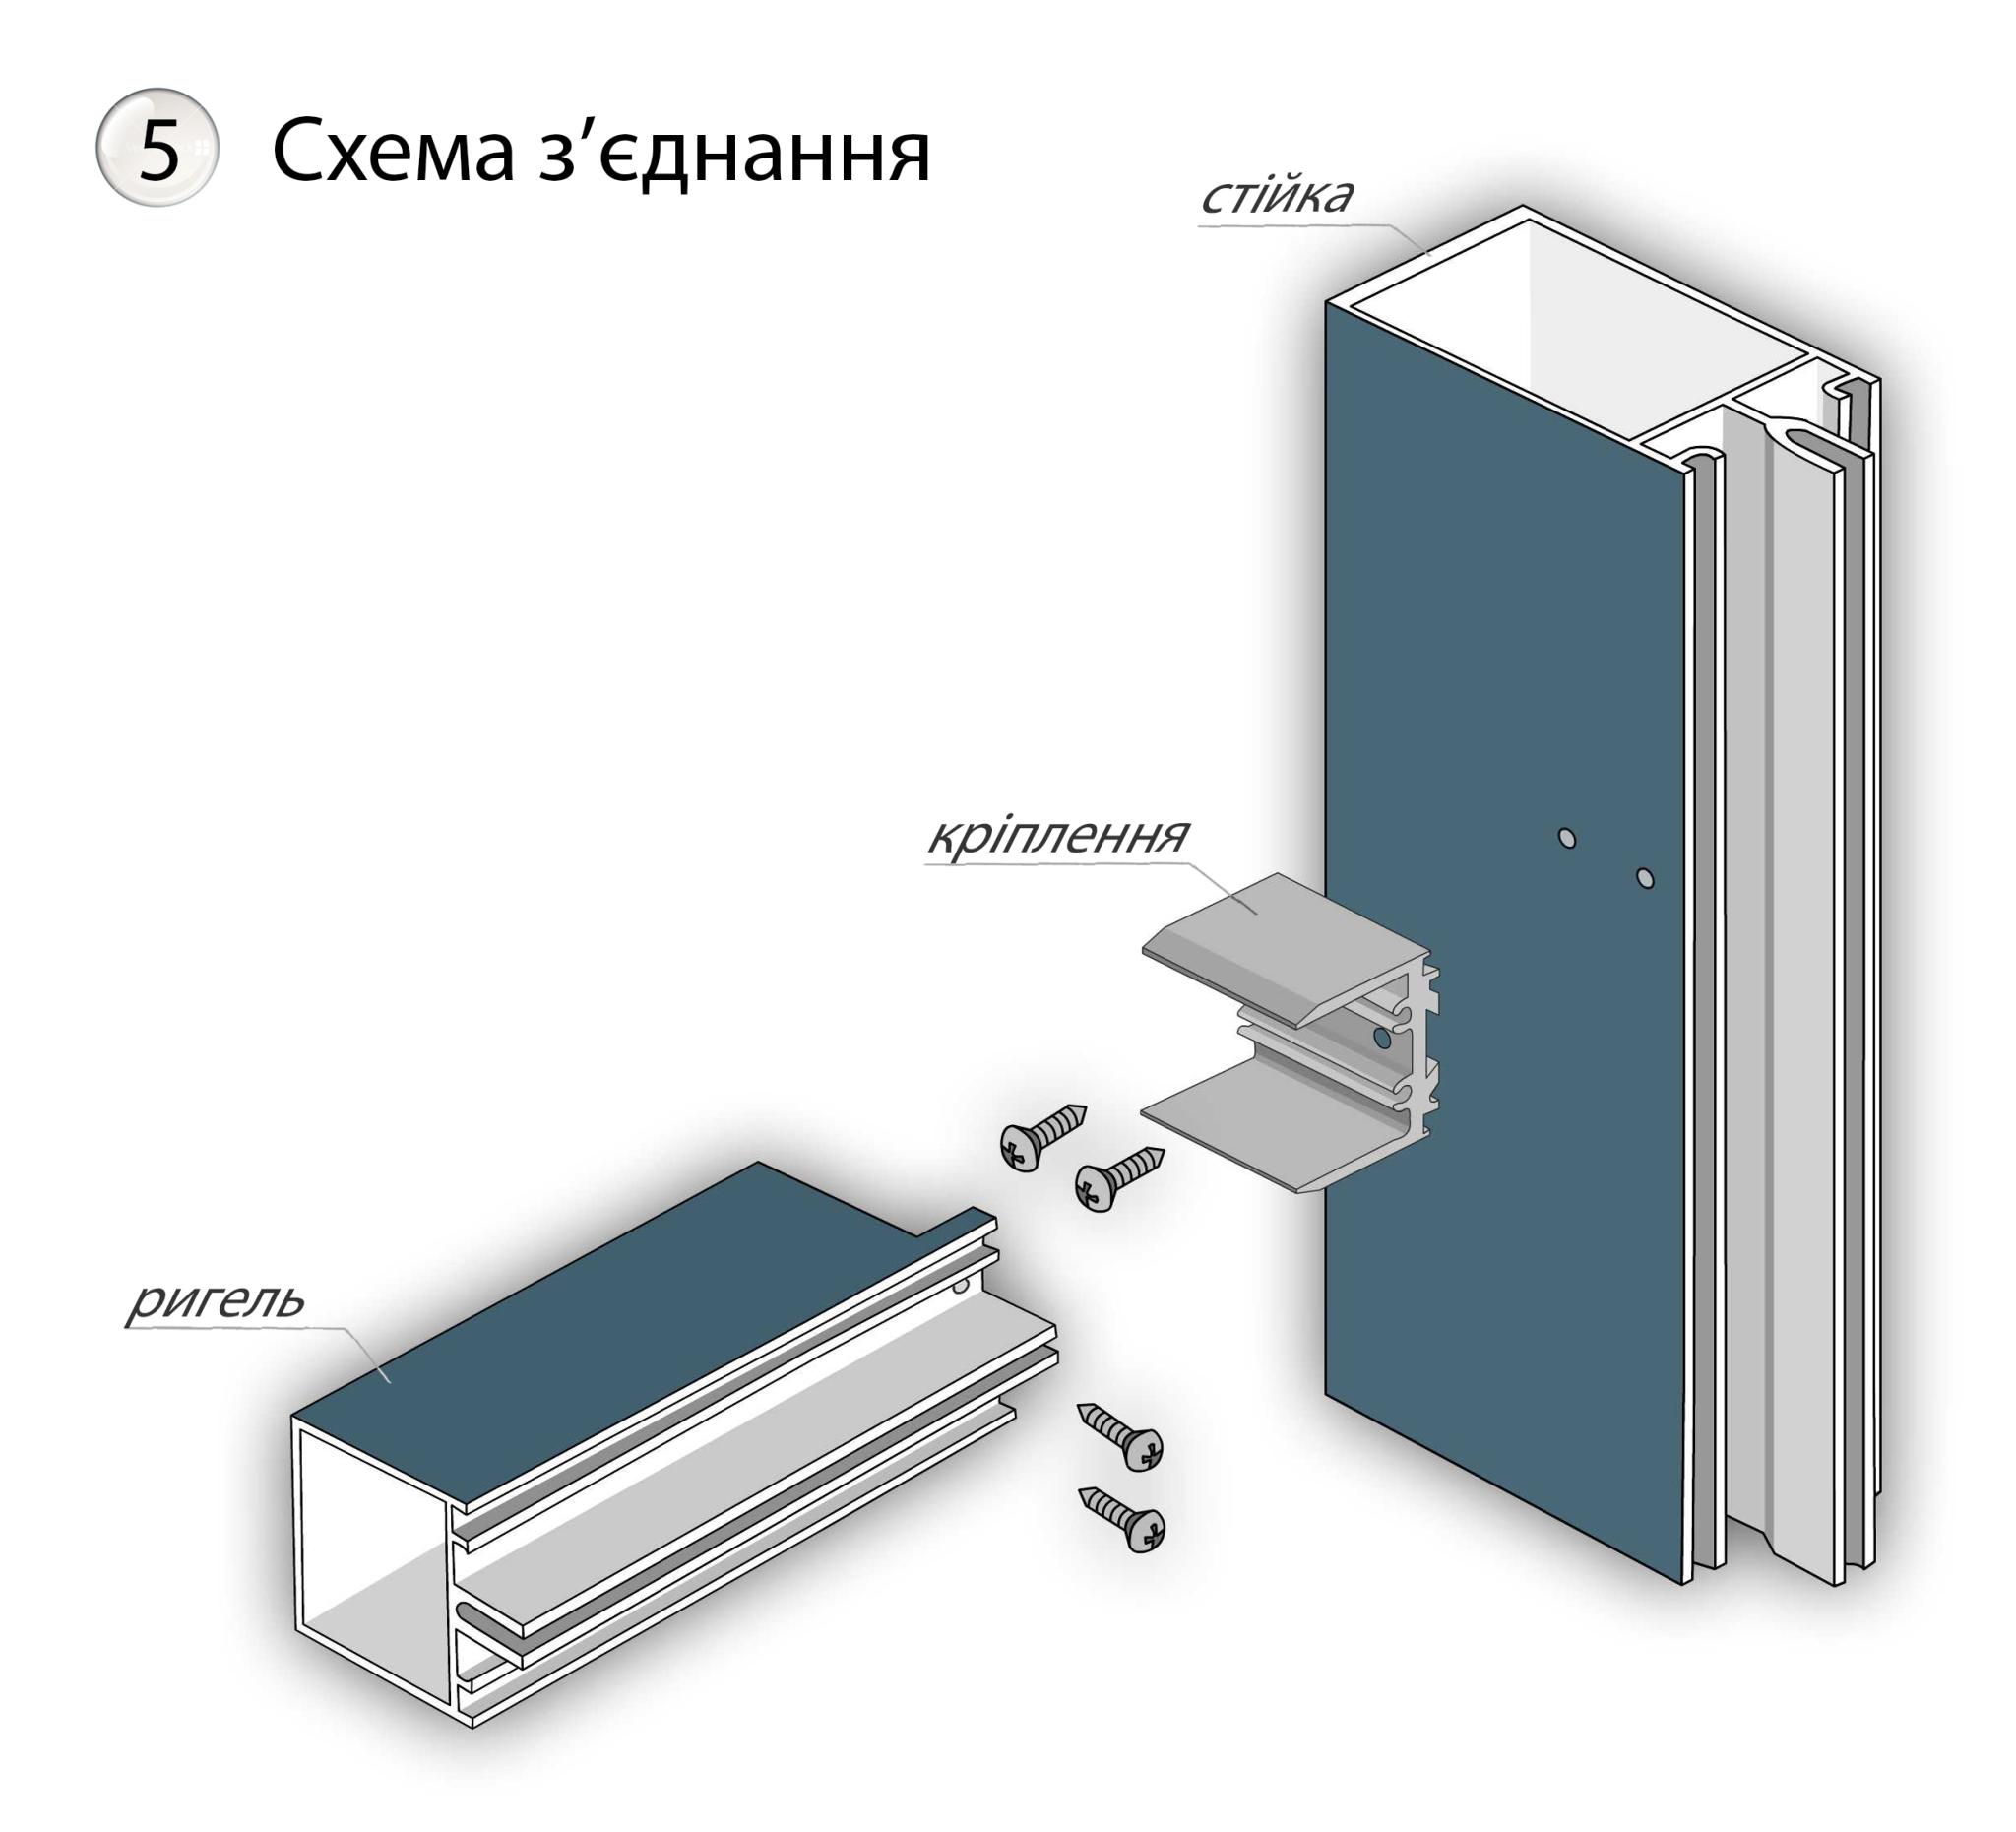 Схема зєднання